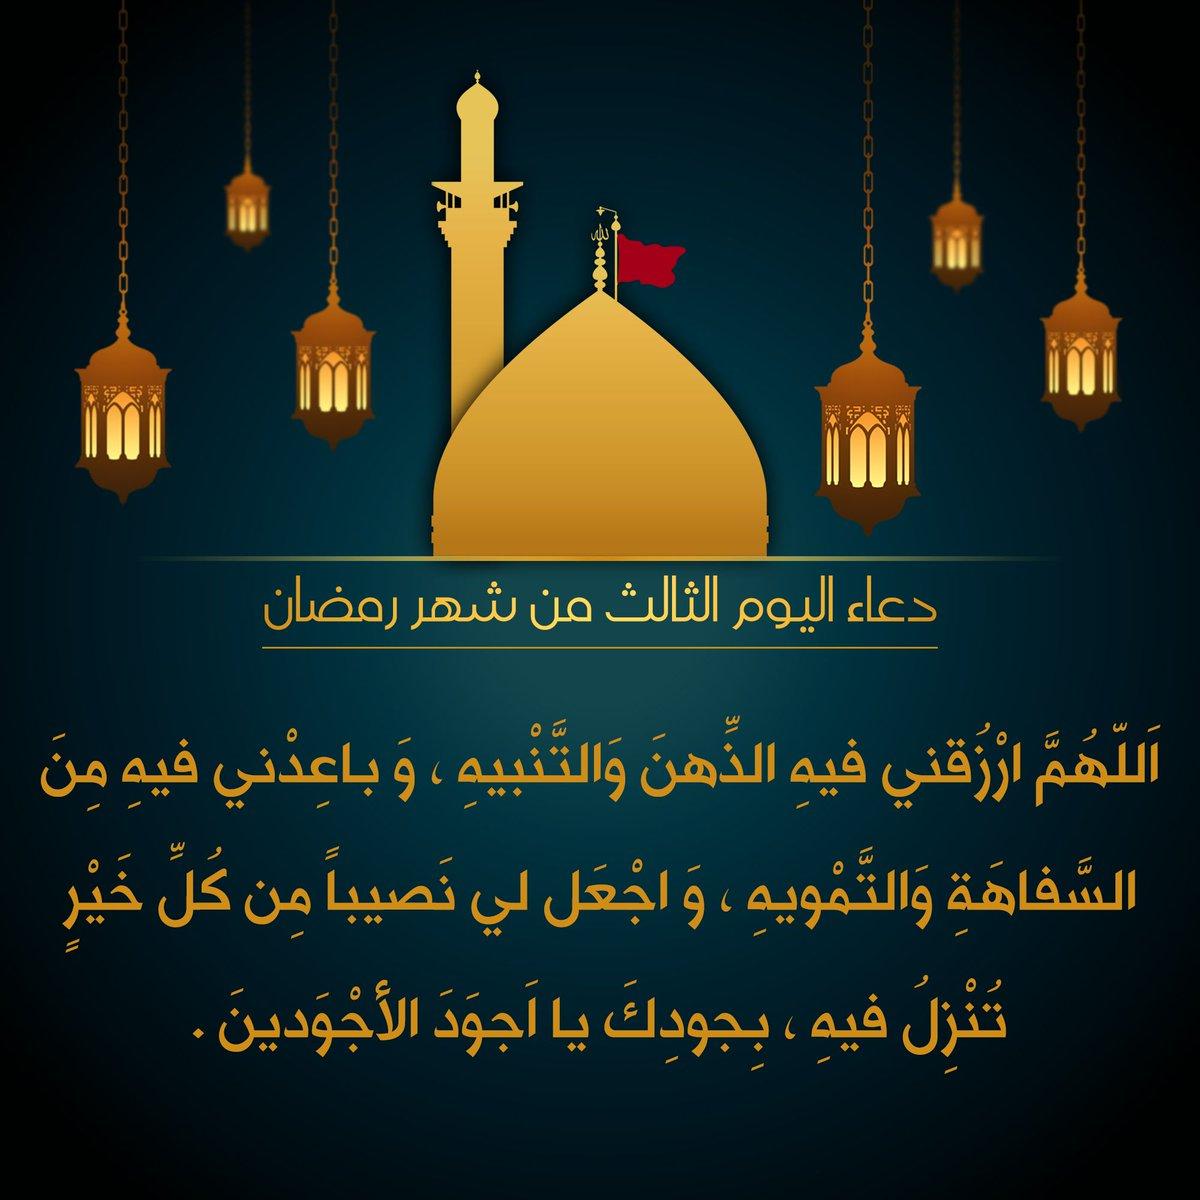 أدعية أيام شهر رمضان DdiAPDkVAAE6g9i